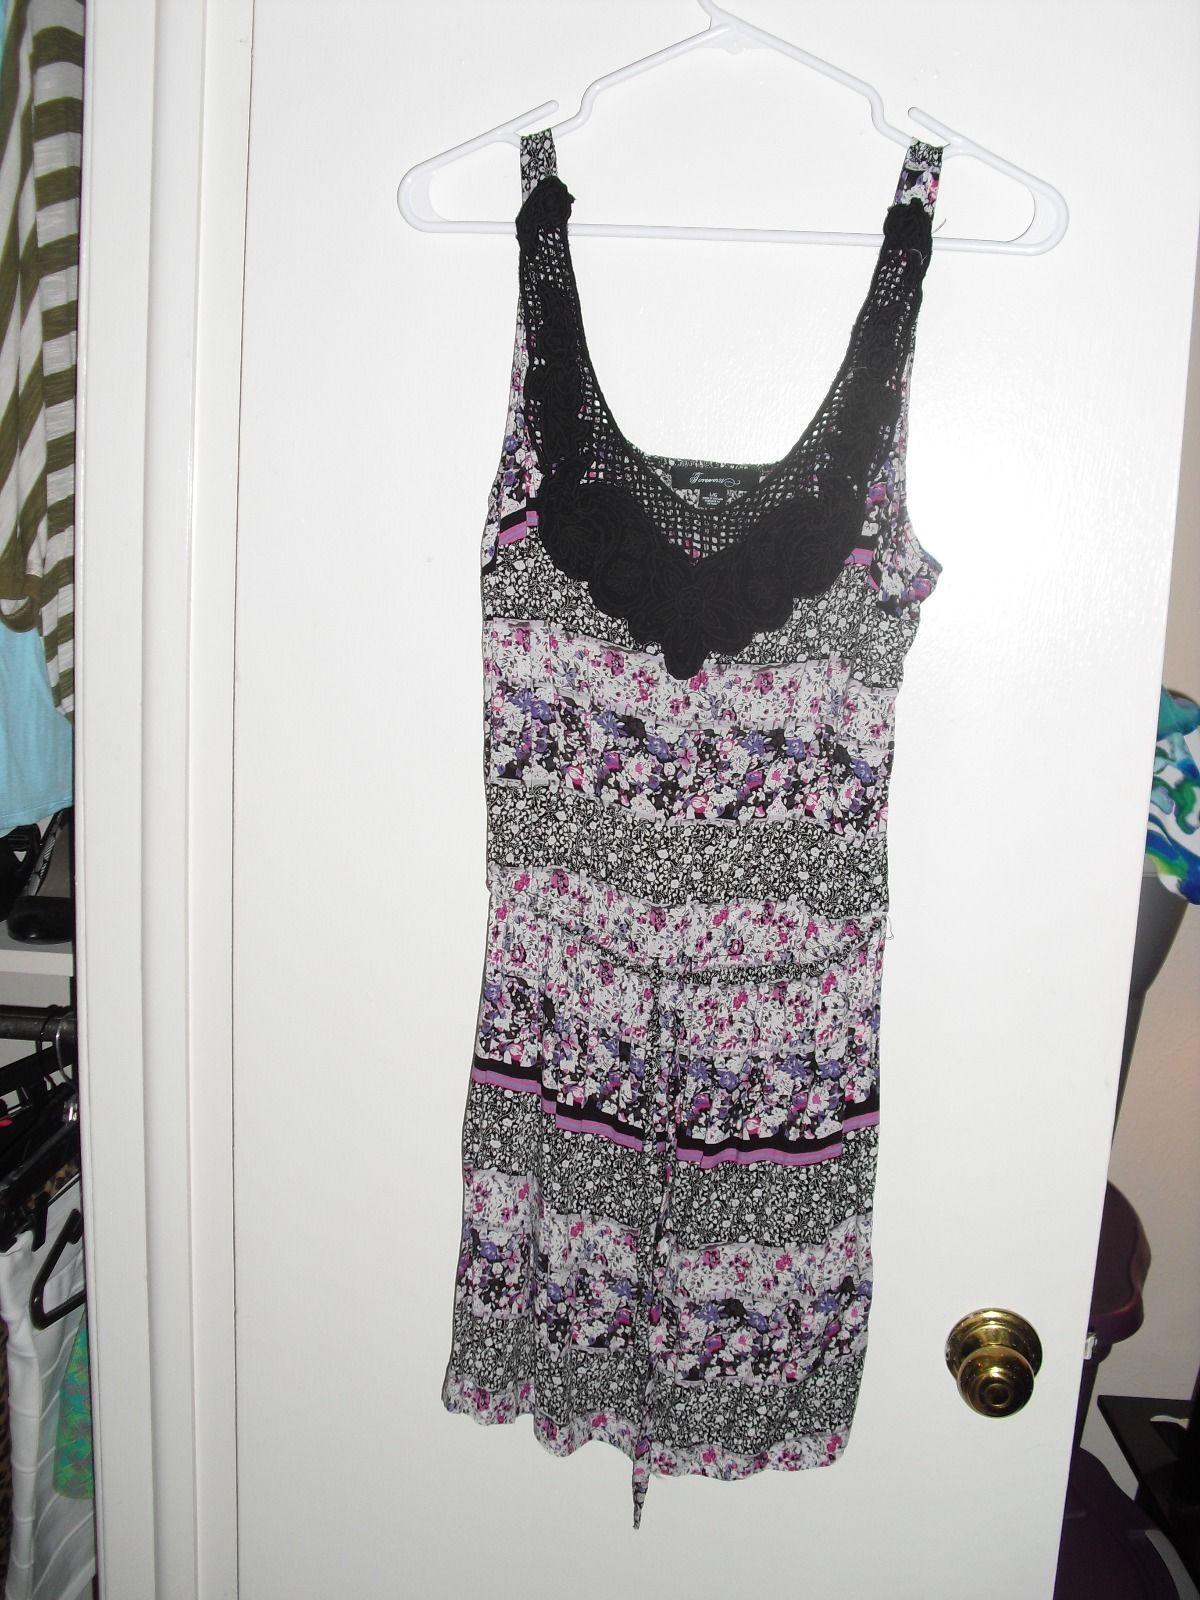 Forever 21 Romper Floral Sleeveless Dress with Black Crochet